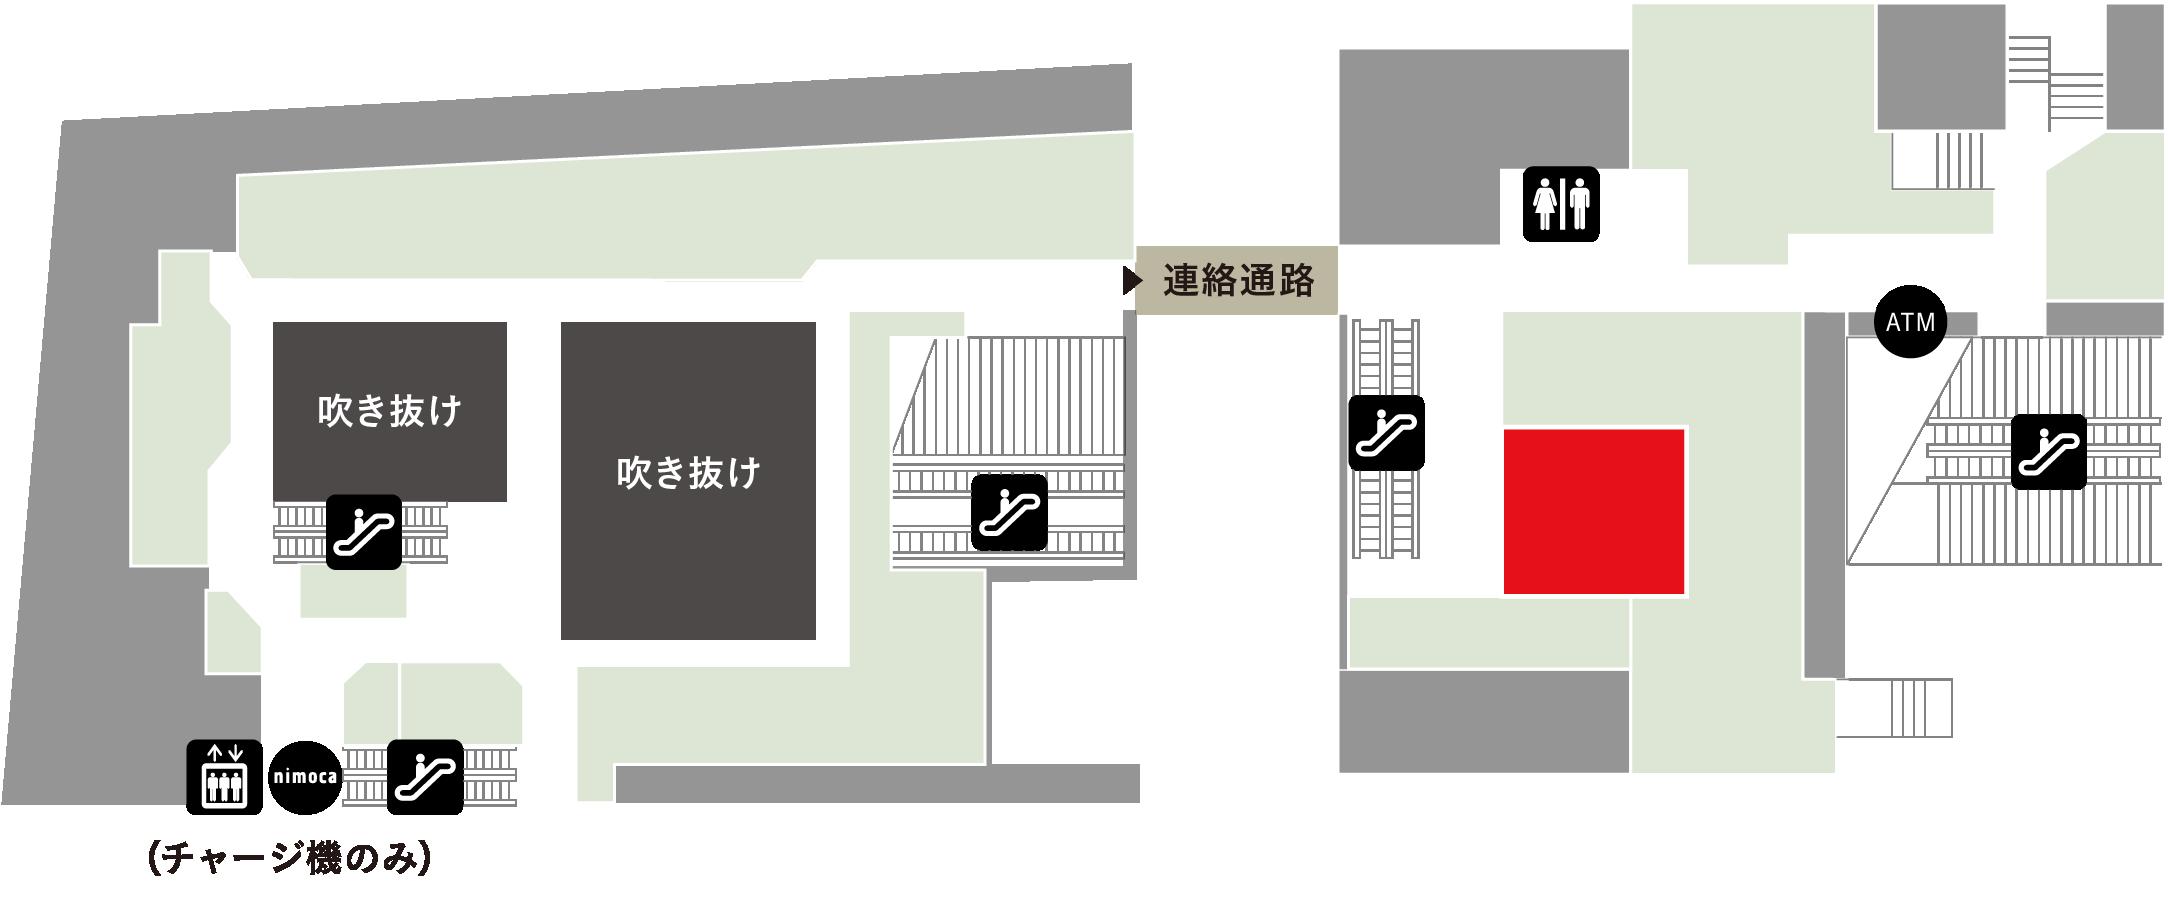 岩田時計店フロアマップ